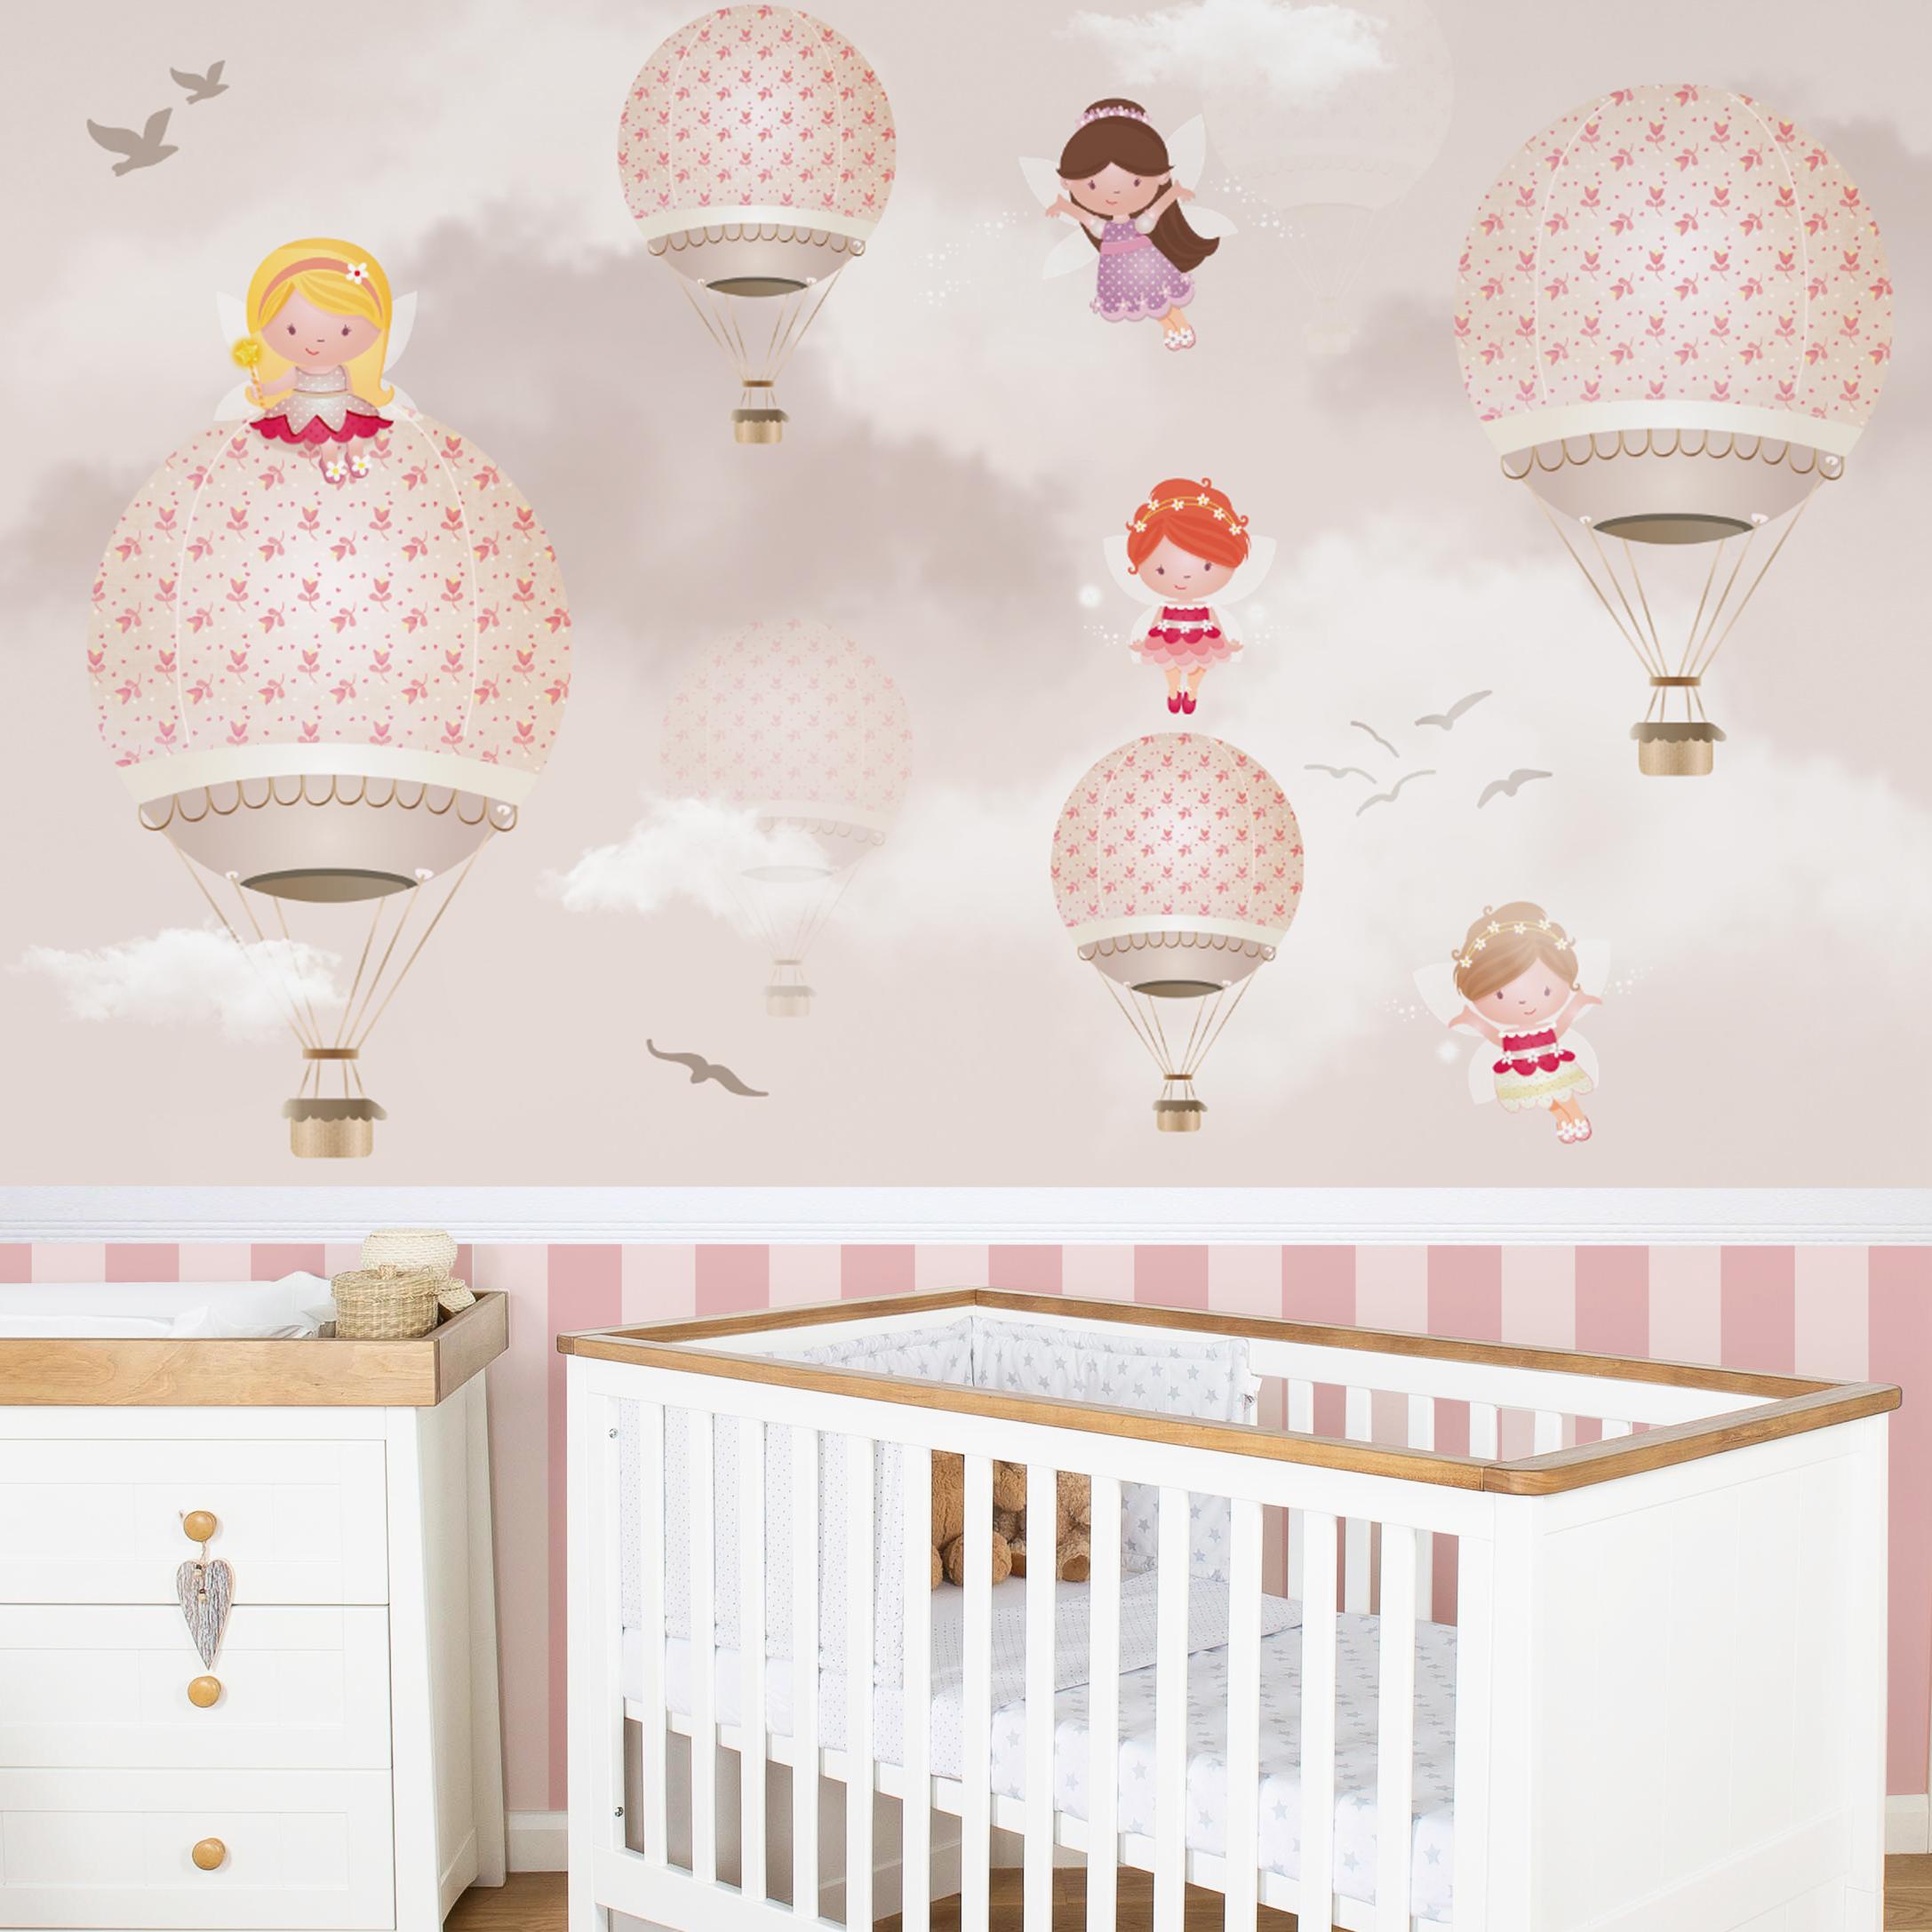 Atmosfera l dica com o quarto de beb com bal es for Papel para paredes salon